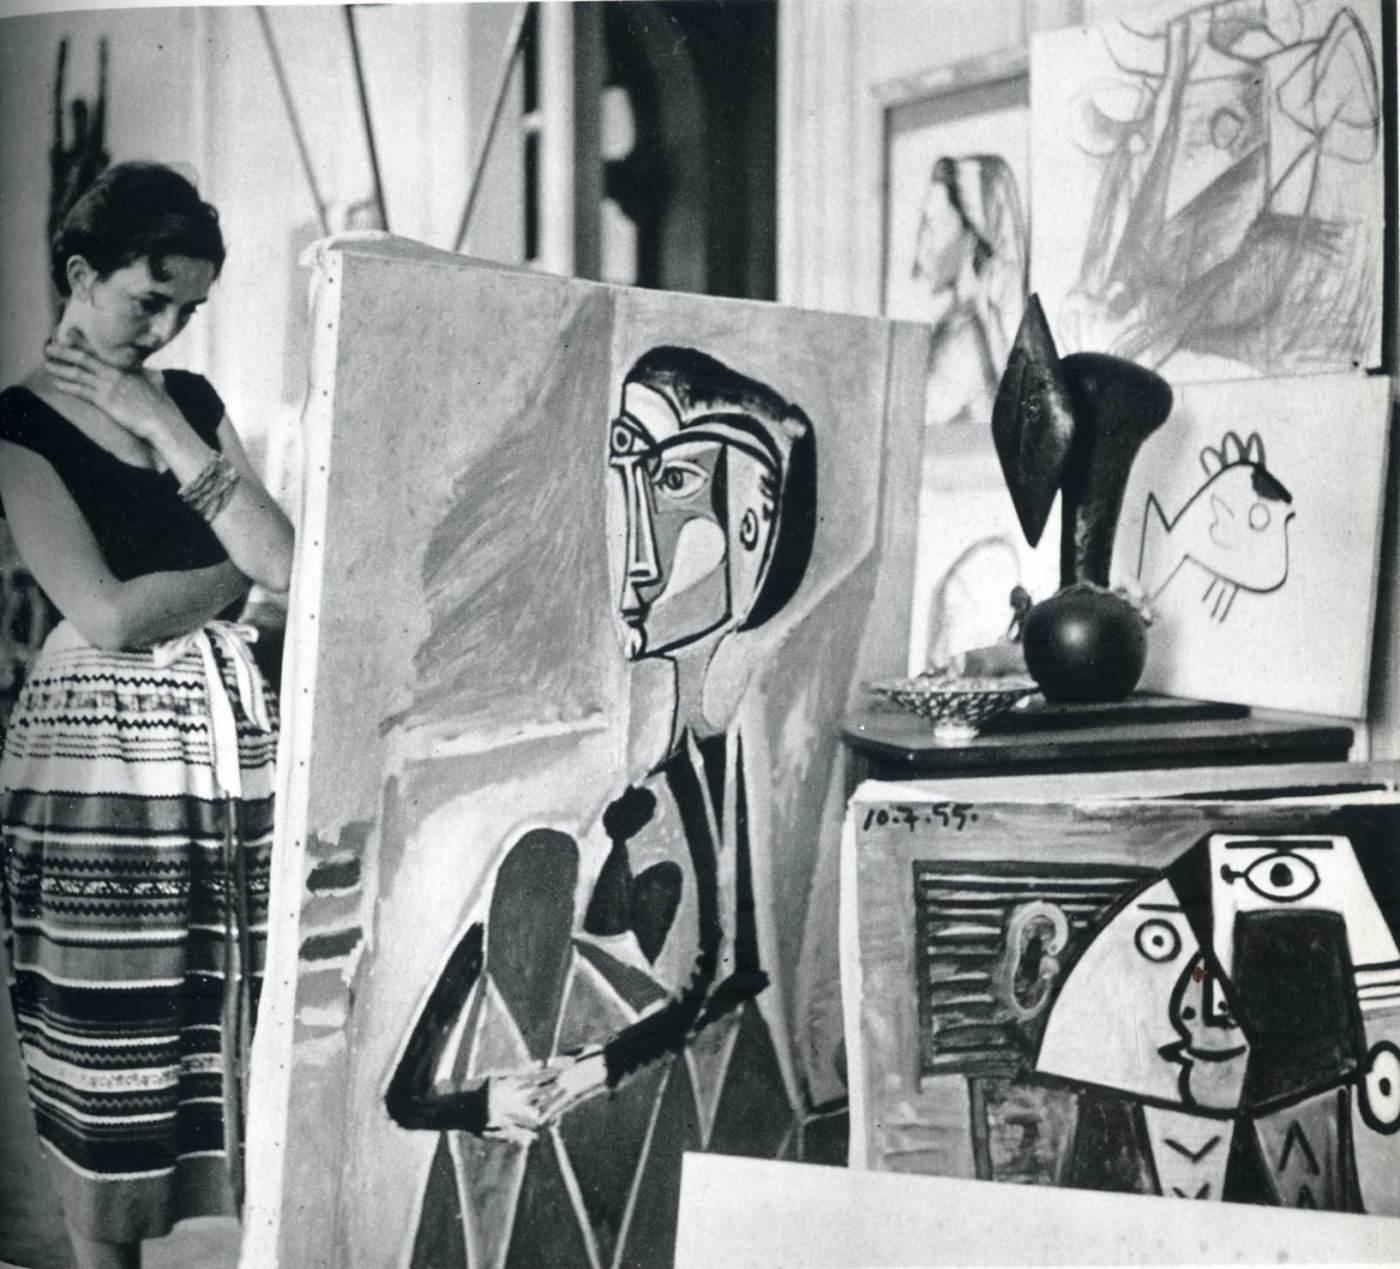 jacques_henri_lartigue_florette_at_picasso_s_studio_1955.jpg